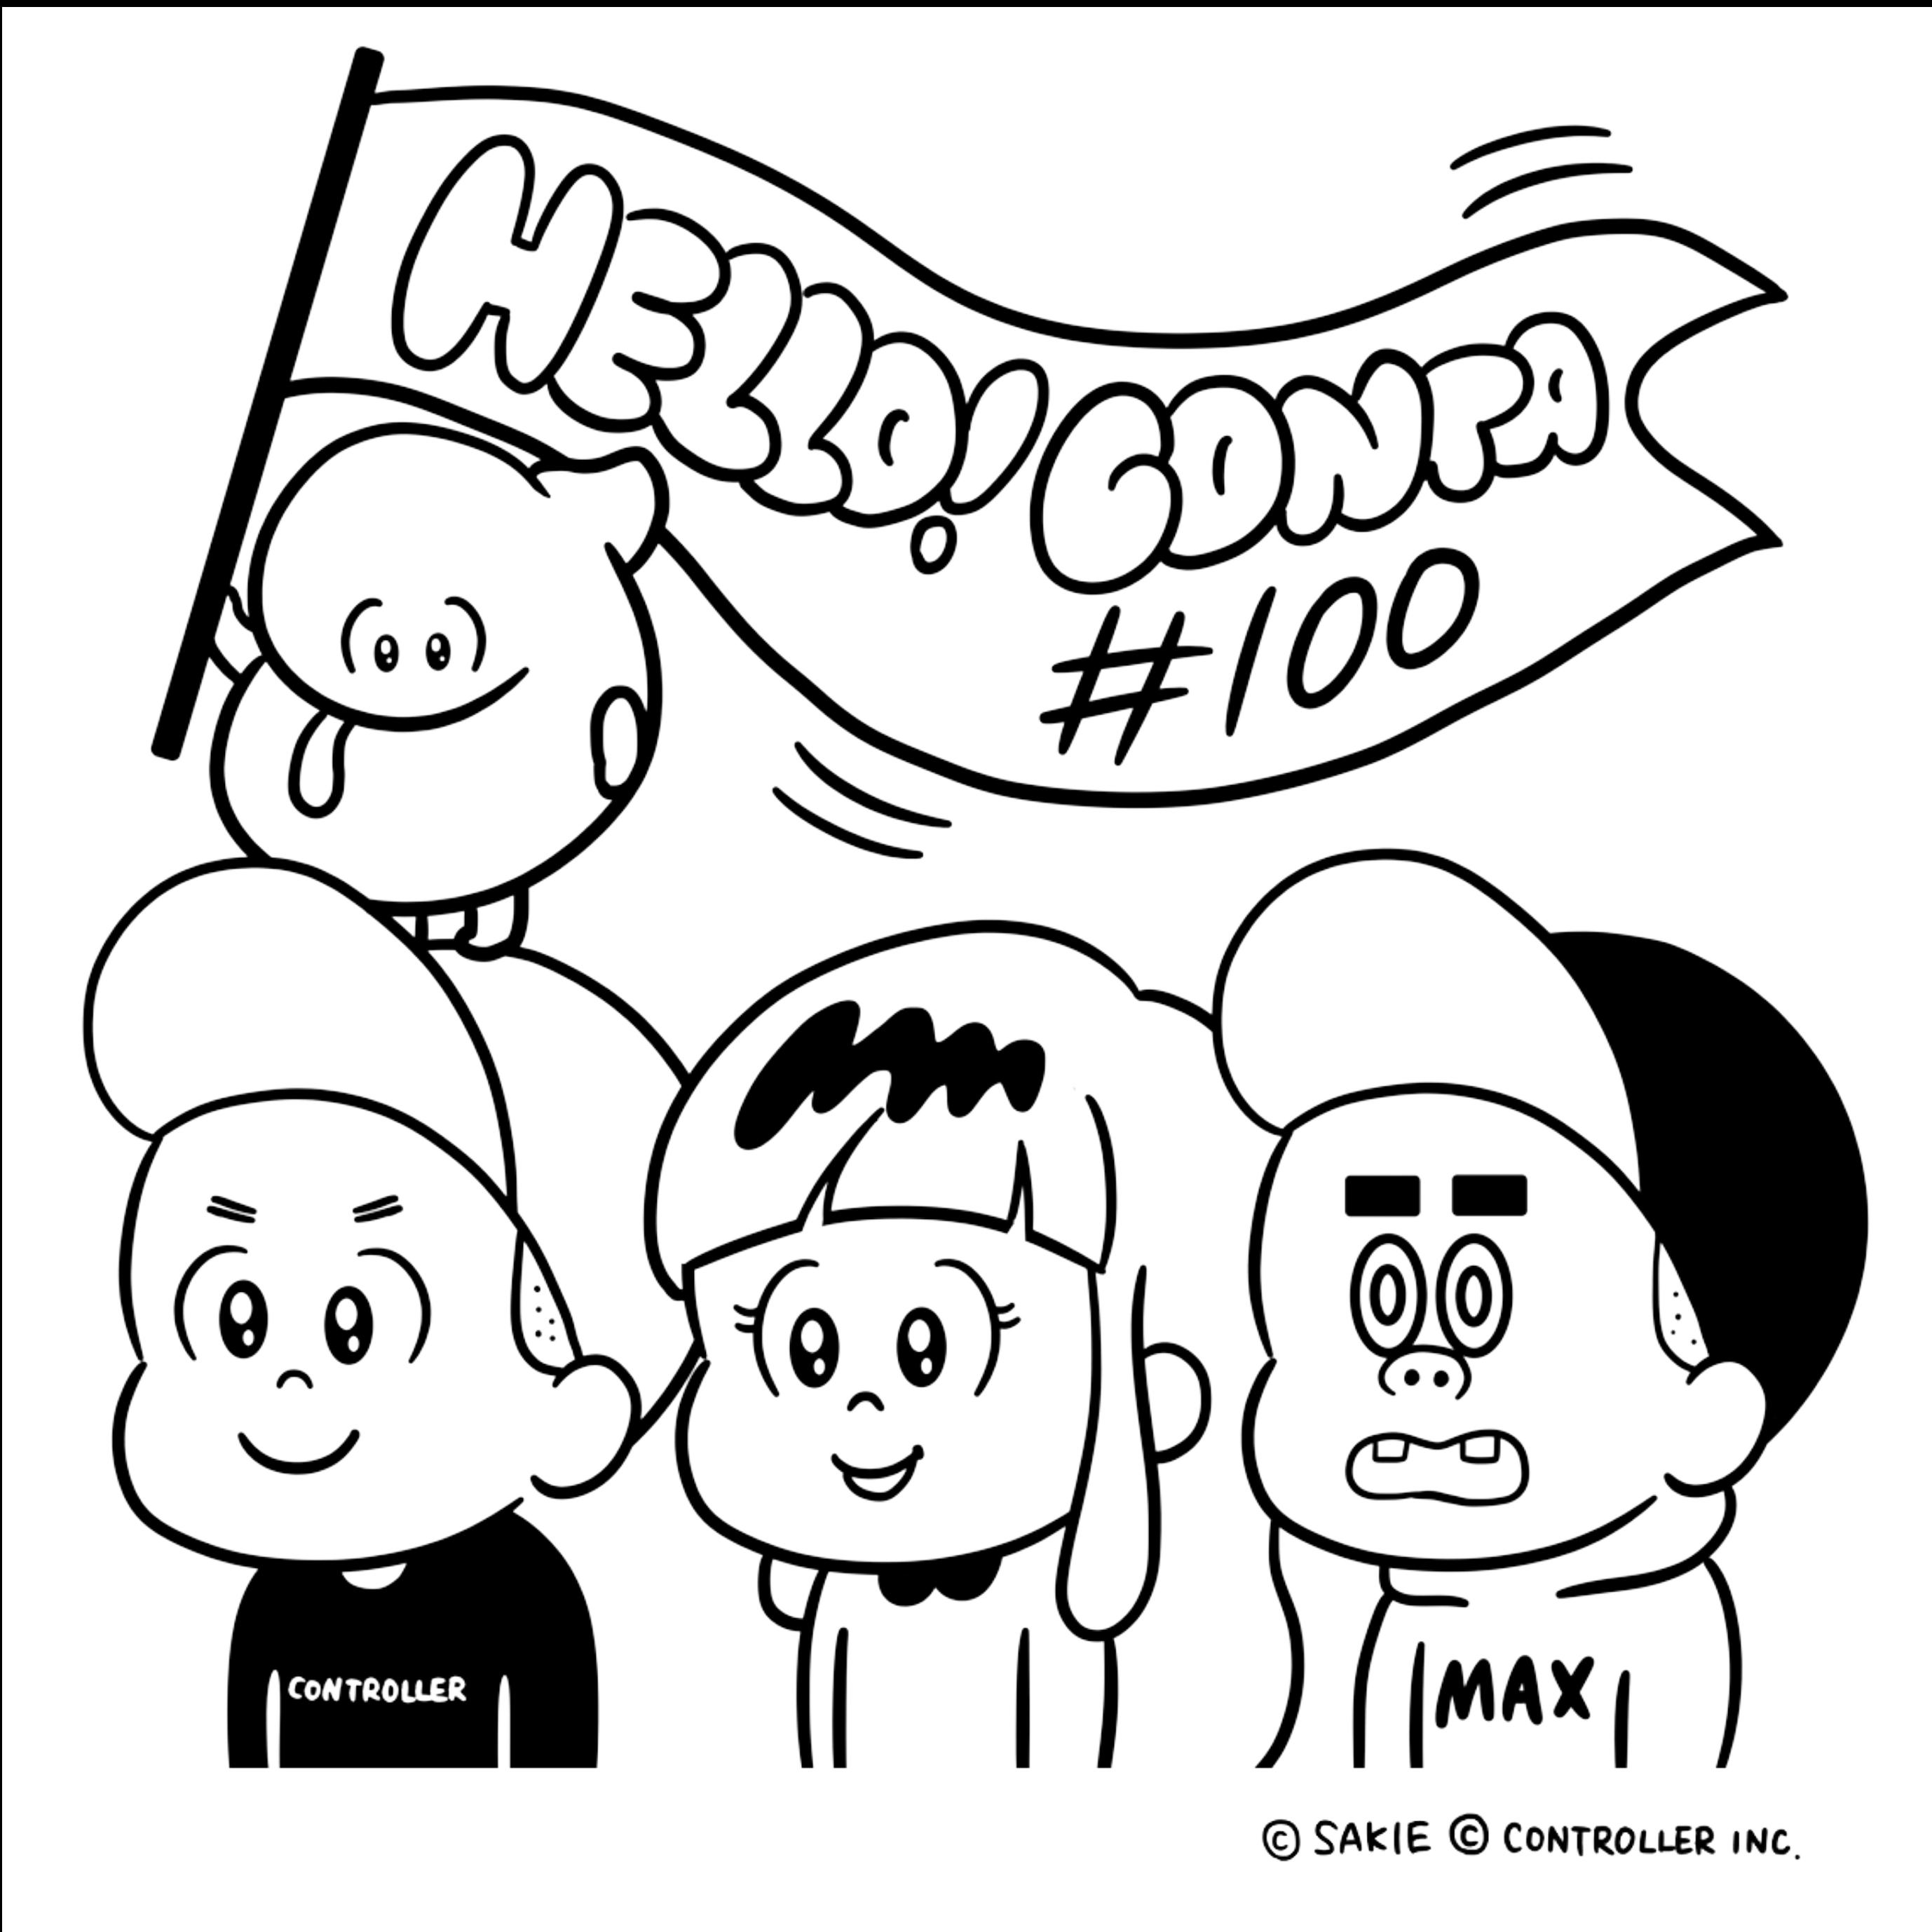 ハローコンタ 1巻 出版記念Tシャツ(ブラック)